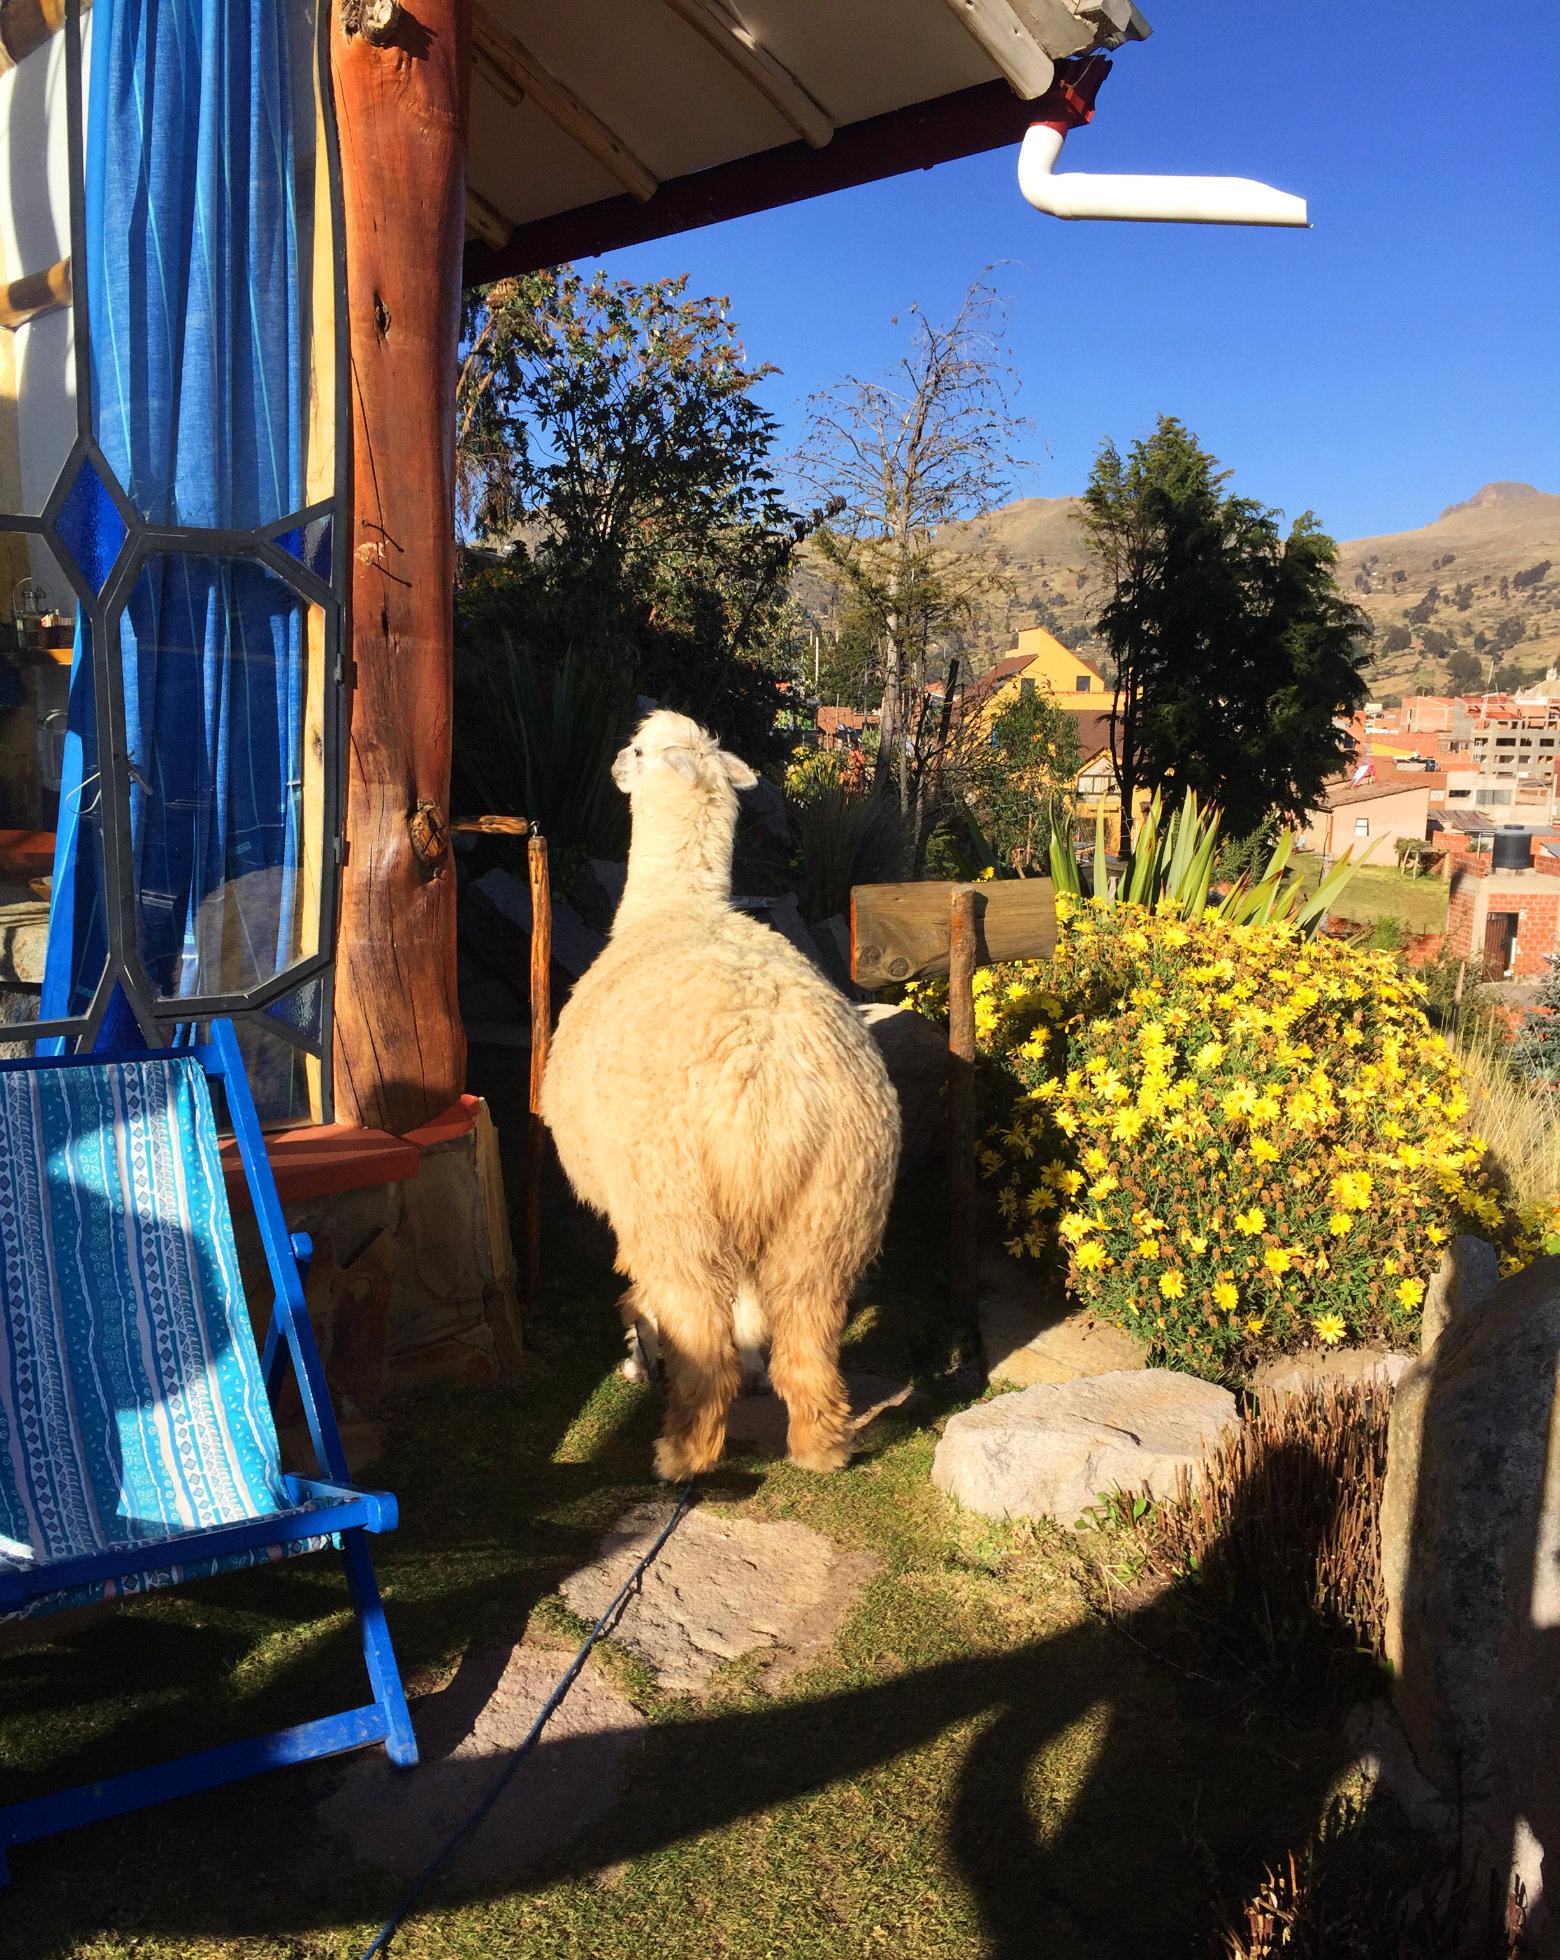 Bolivien Titicacasee Alpaka im Garten